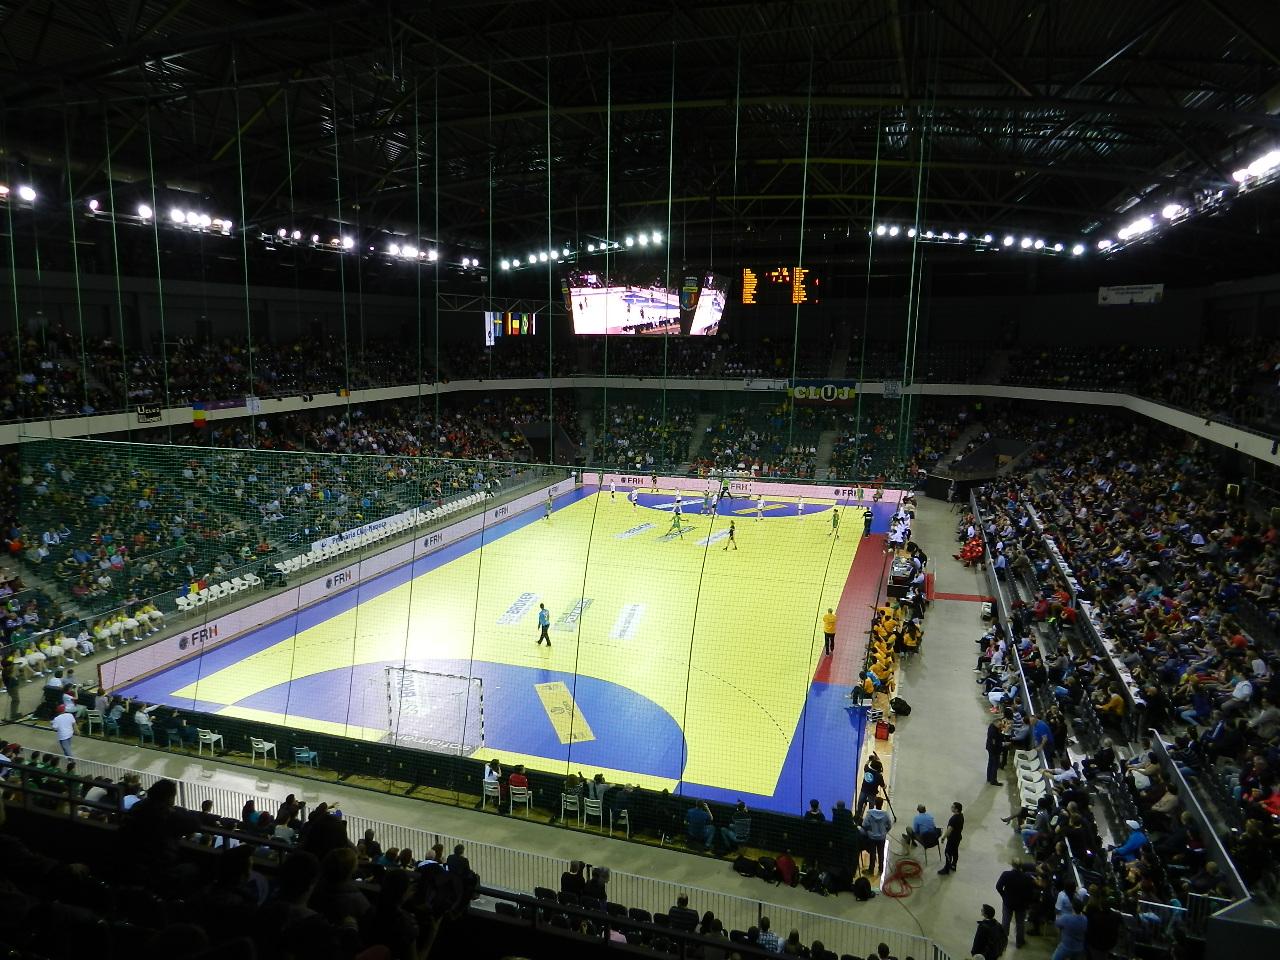 Campionatul European de Gimnastică din 2017 ar putea fi găzduit de Sala Polivalentă din Cluj